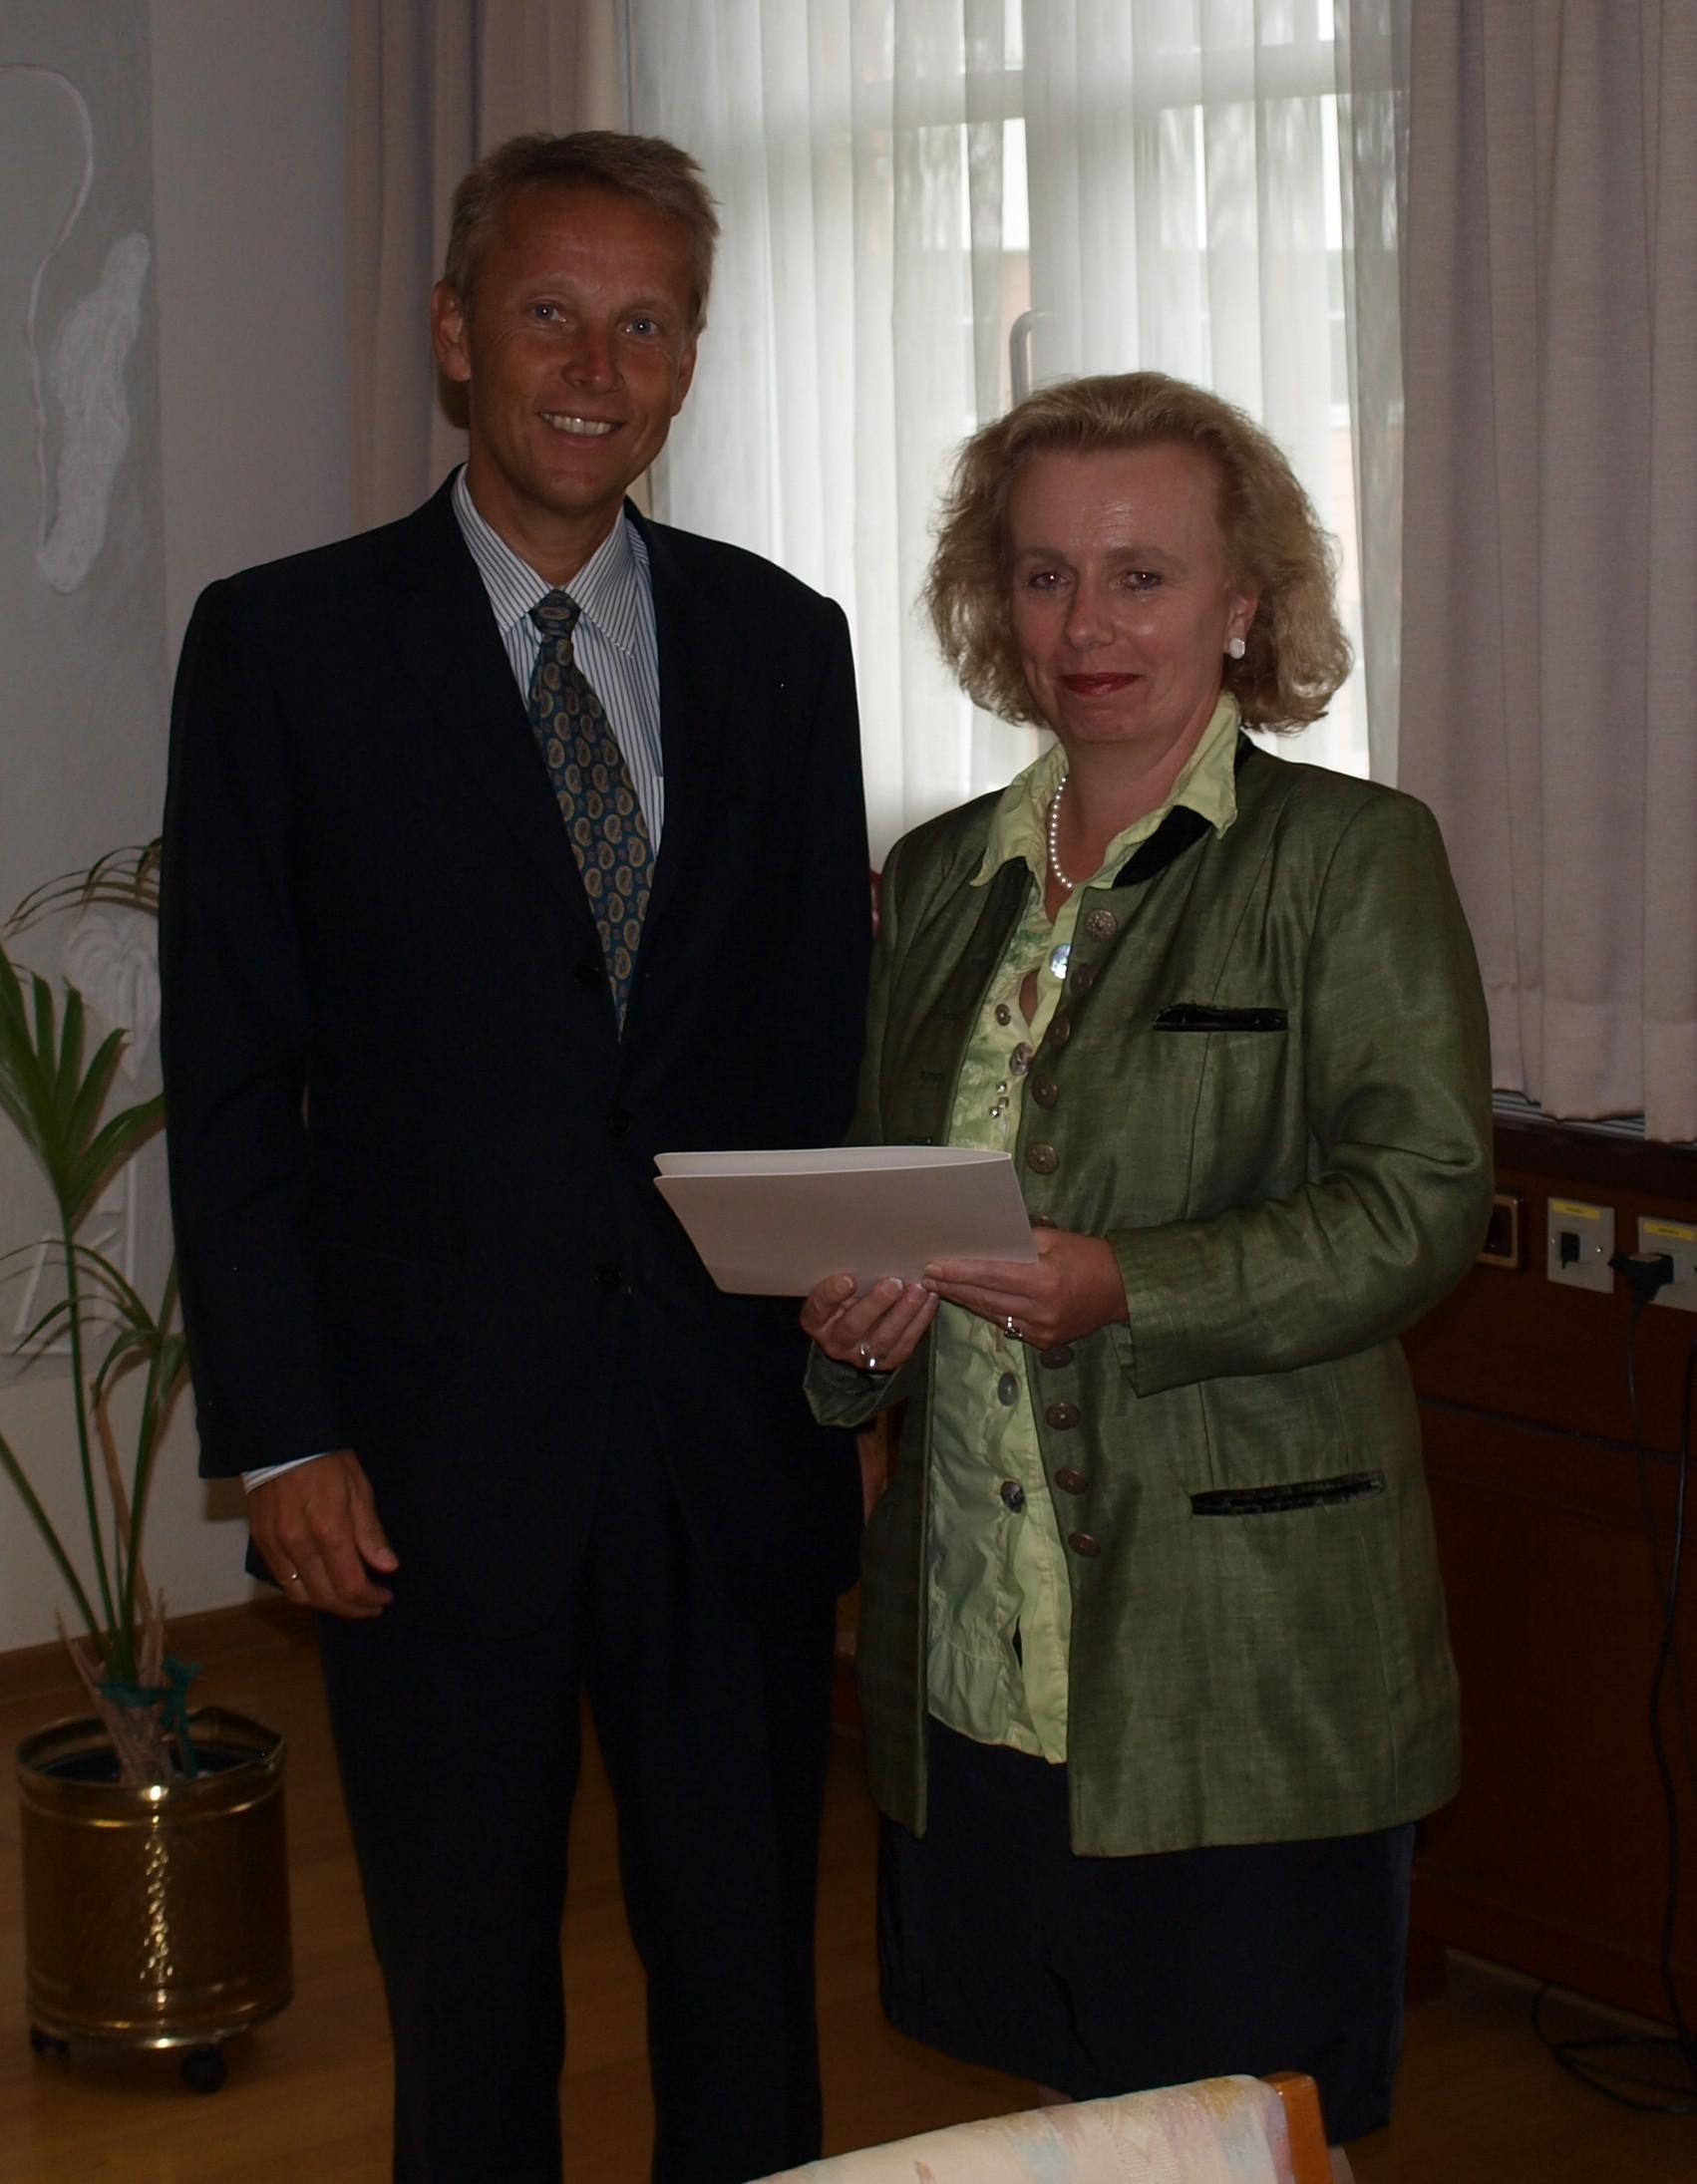 Mit der neuen Leiterin des Finanzamtes Salzburg-Land, Dagmar Singer (C) BMF